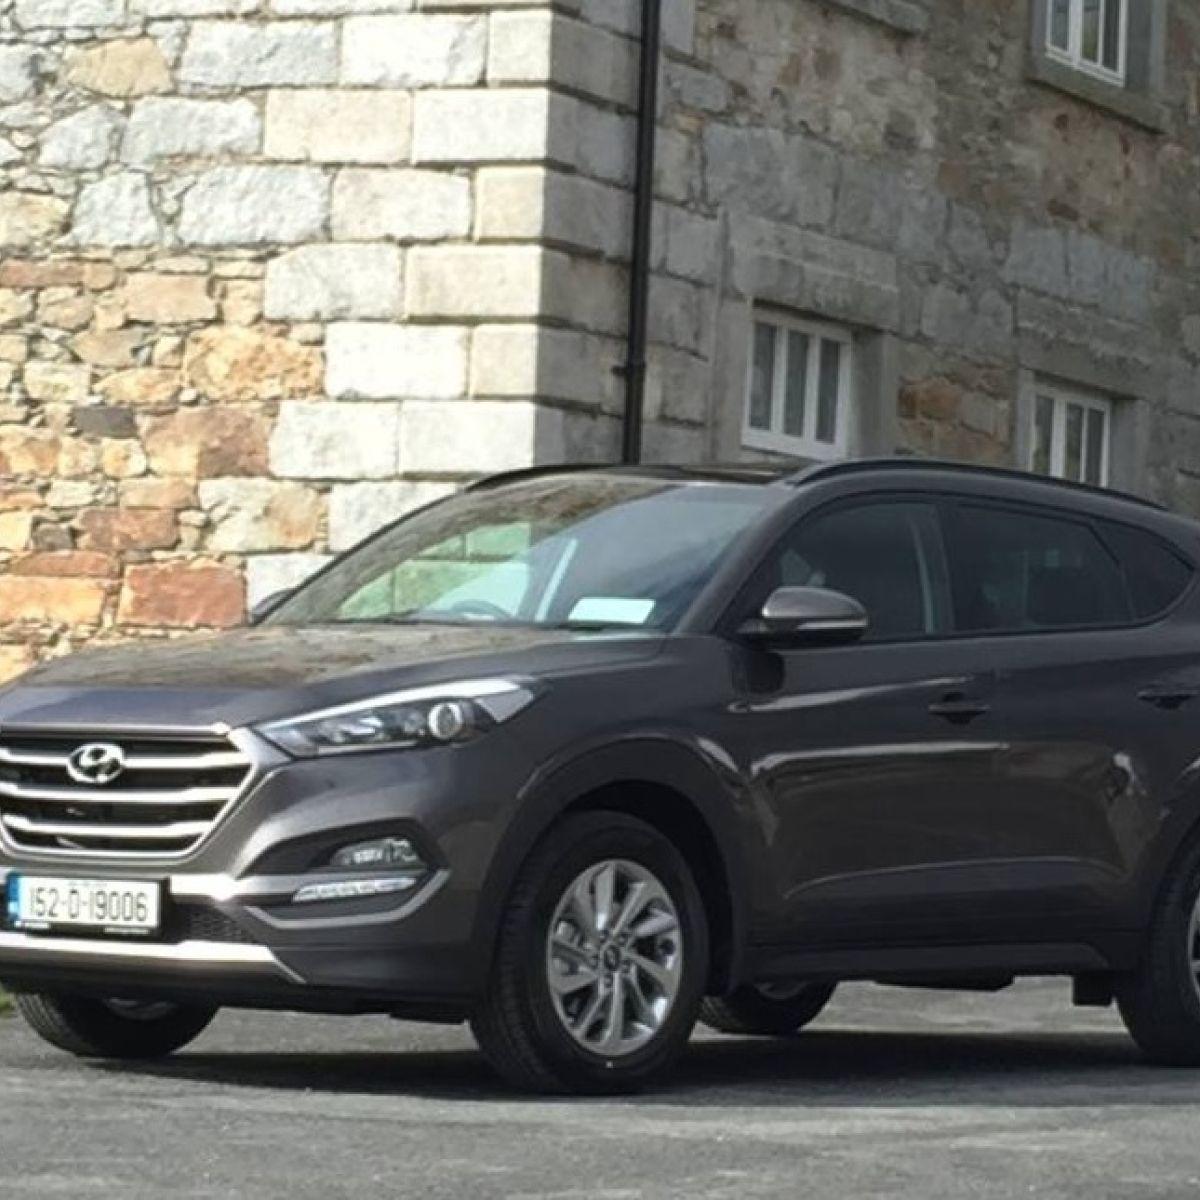 Hyundai tuscon targets irish qashqai buyers fandeluxe Gallery